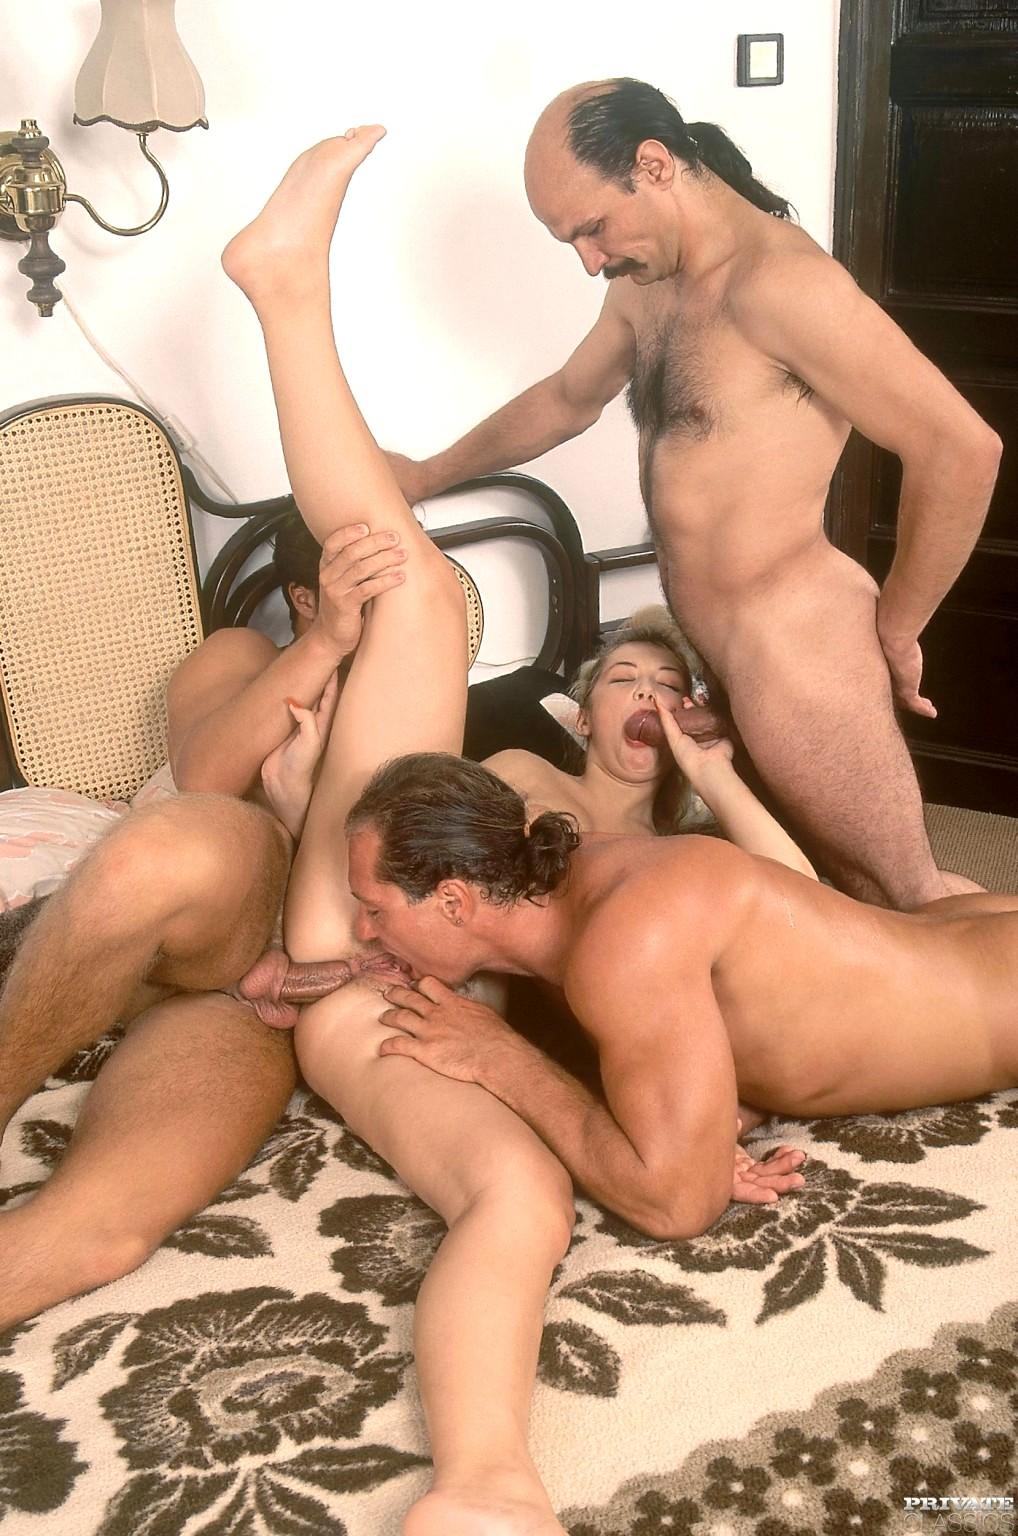 Ретро порно фото бисексуалов, частное домашнее фото женщин порно